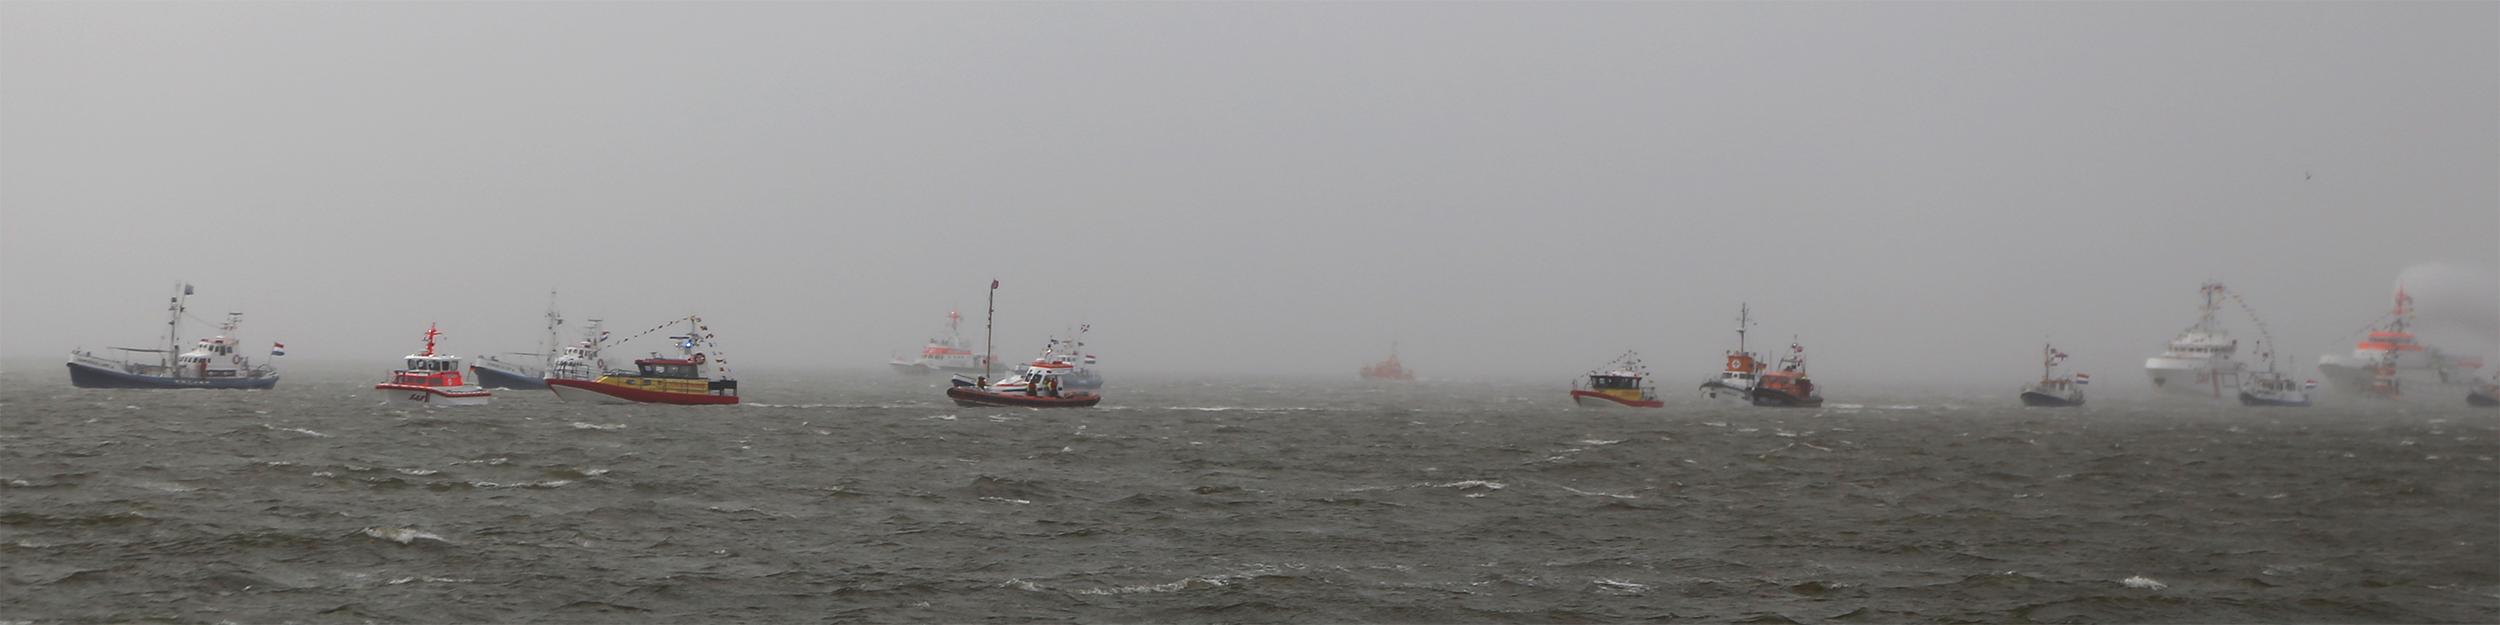 Noordzee Maritiem